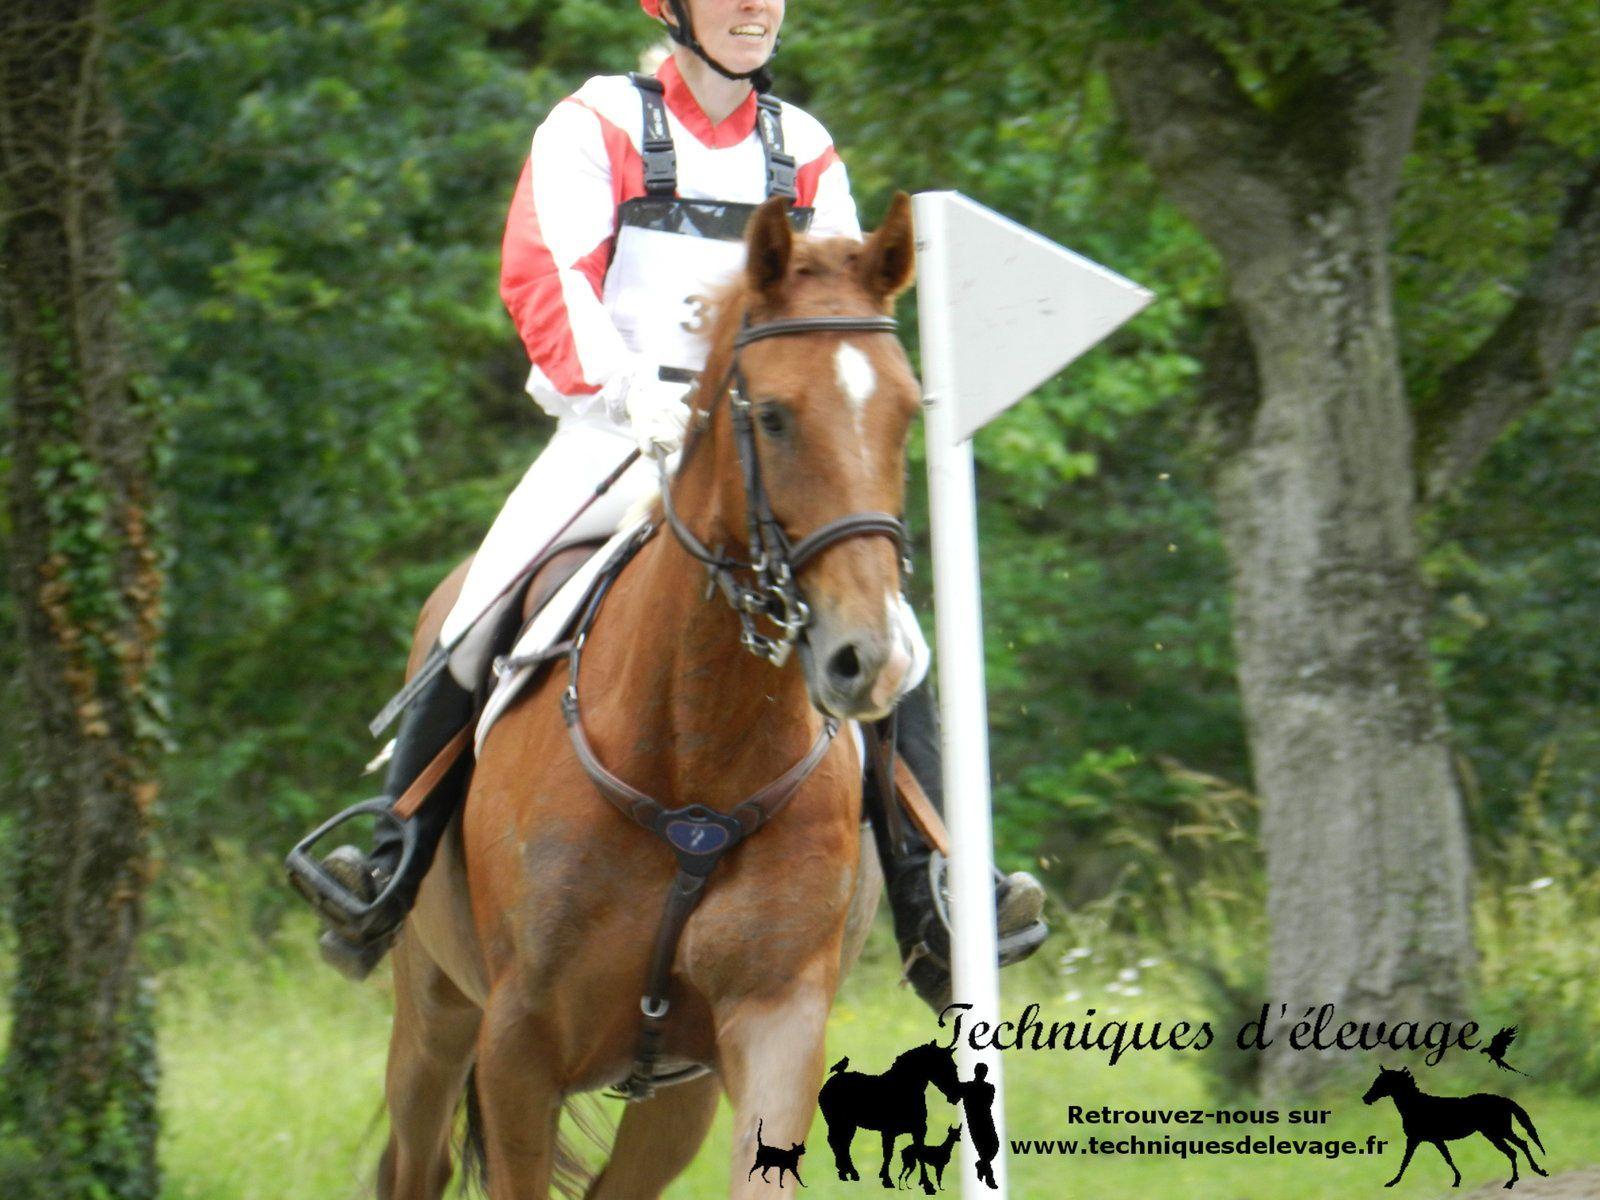 Jeune cheval sur le cross. Technique d'élevage. Tous droits réservés